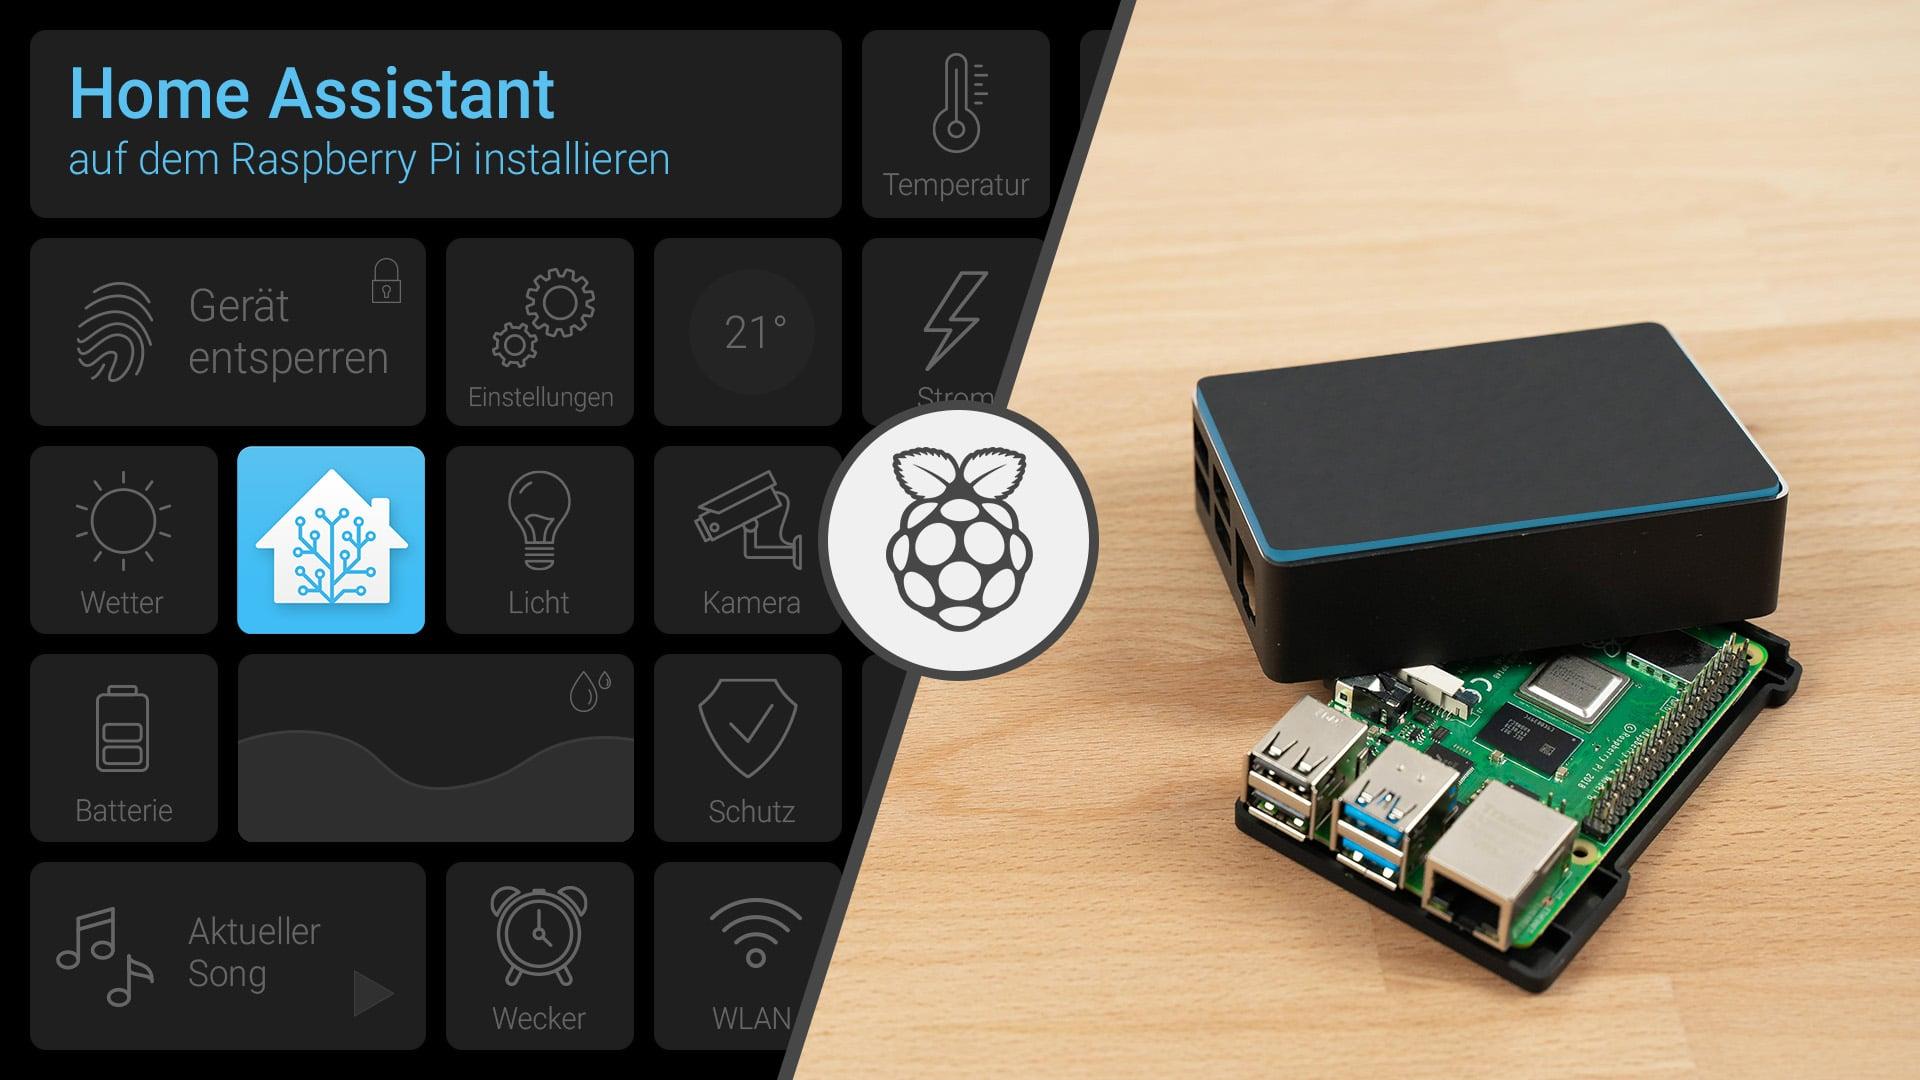 Home Assistant auf dem Raspberry Pi installieren - digitalewelt.at